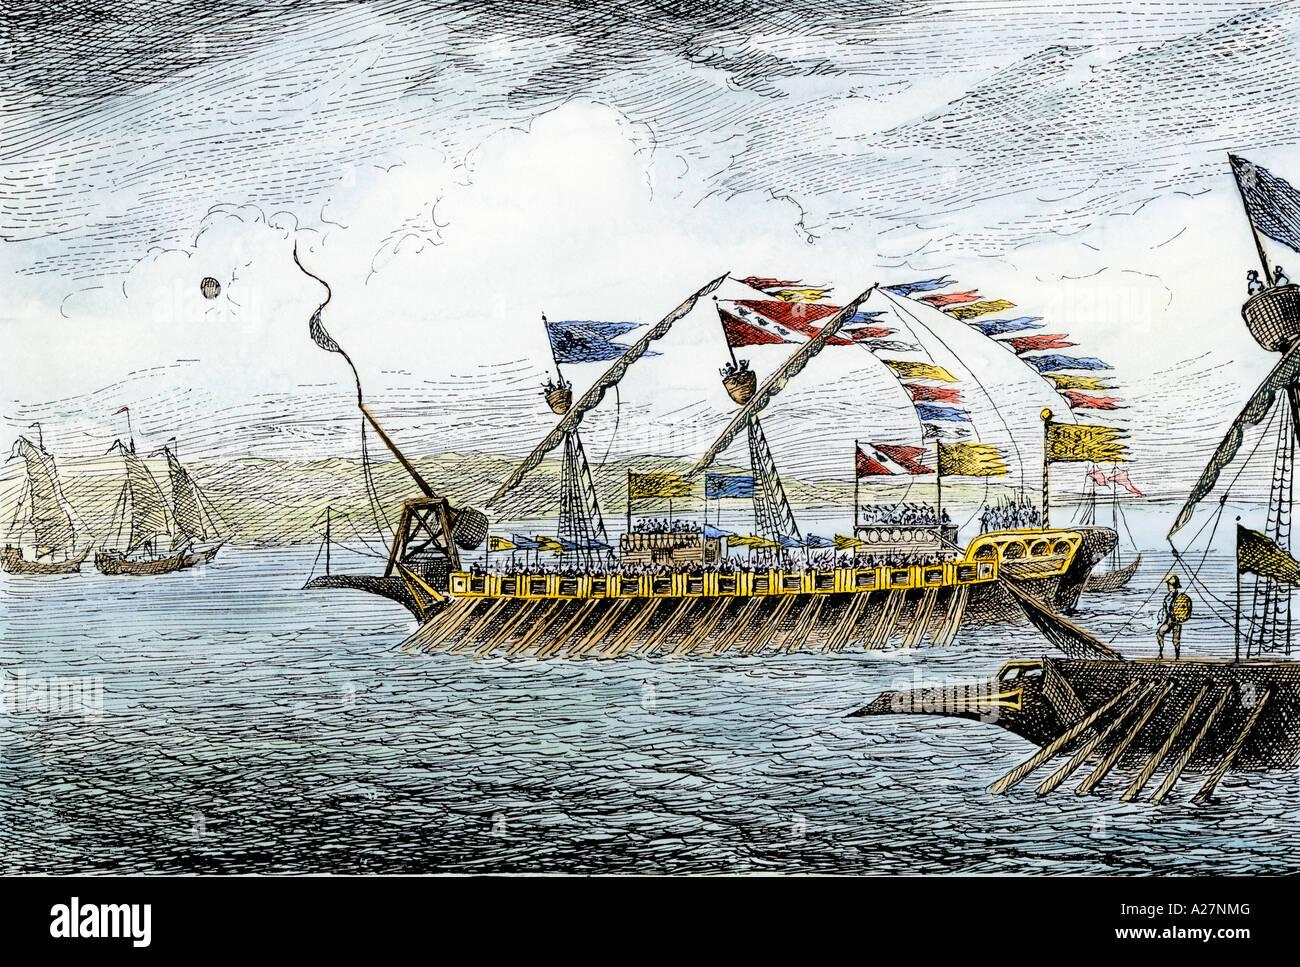 Marco Polo führt die venezianische Schiffe auf Korcula in der Adria Stockbild